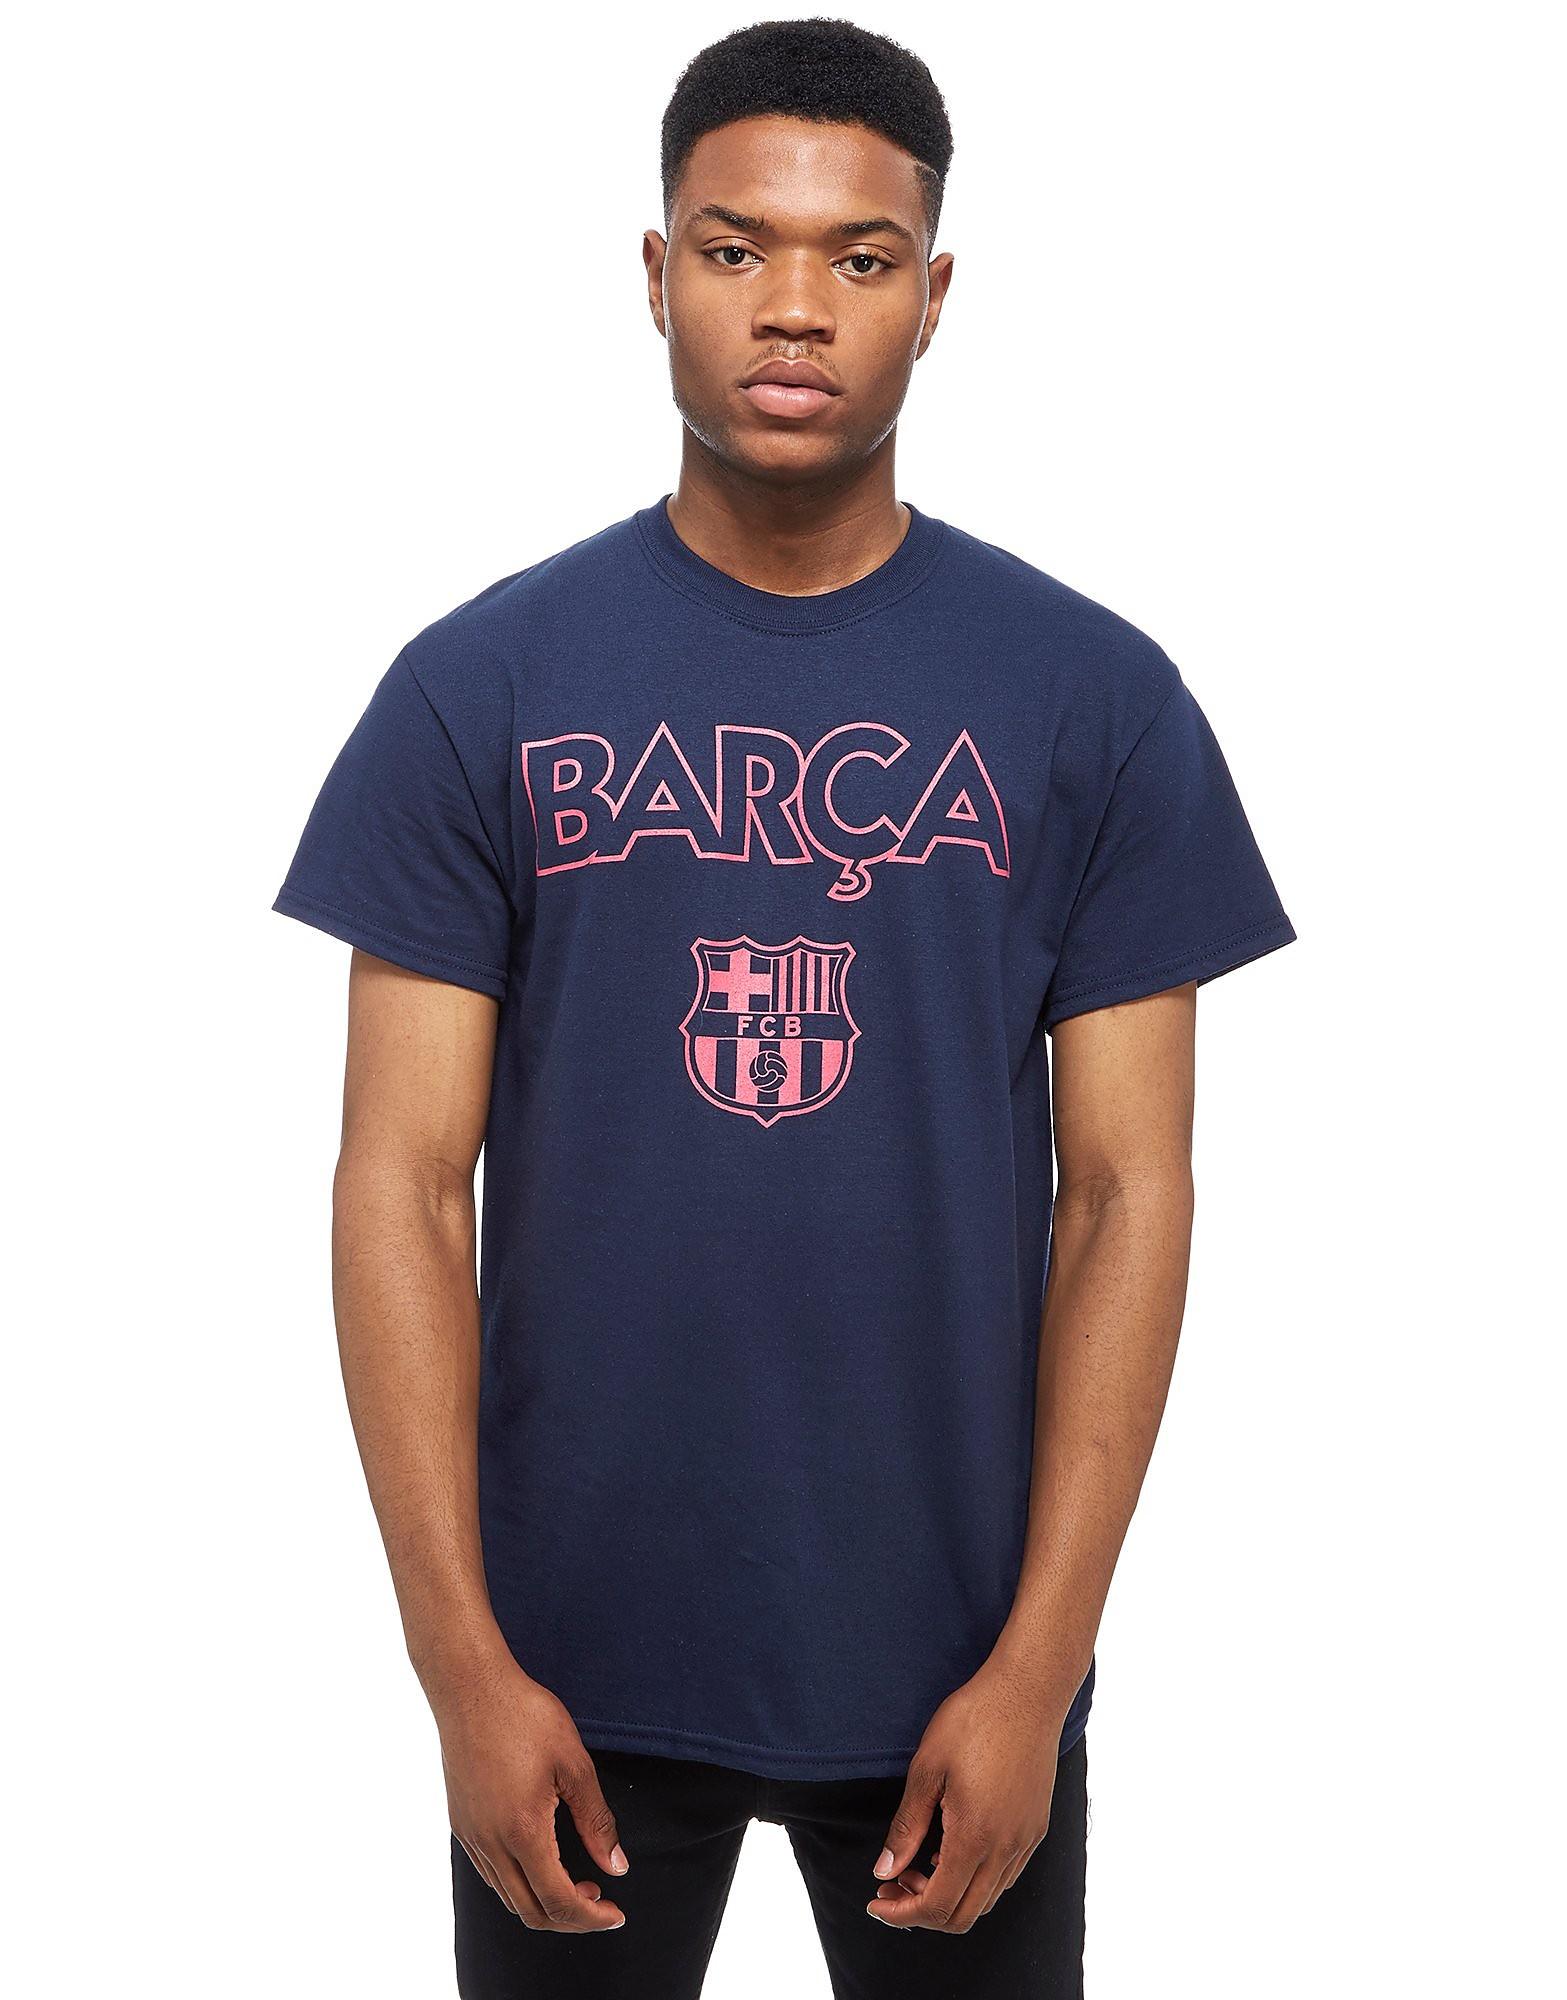 Official Team Barcelona FC T-Shirt